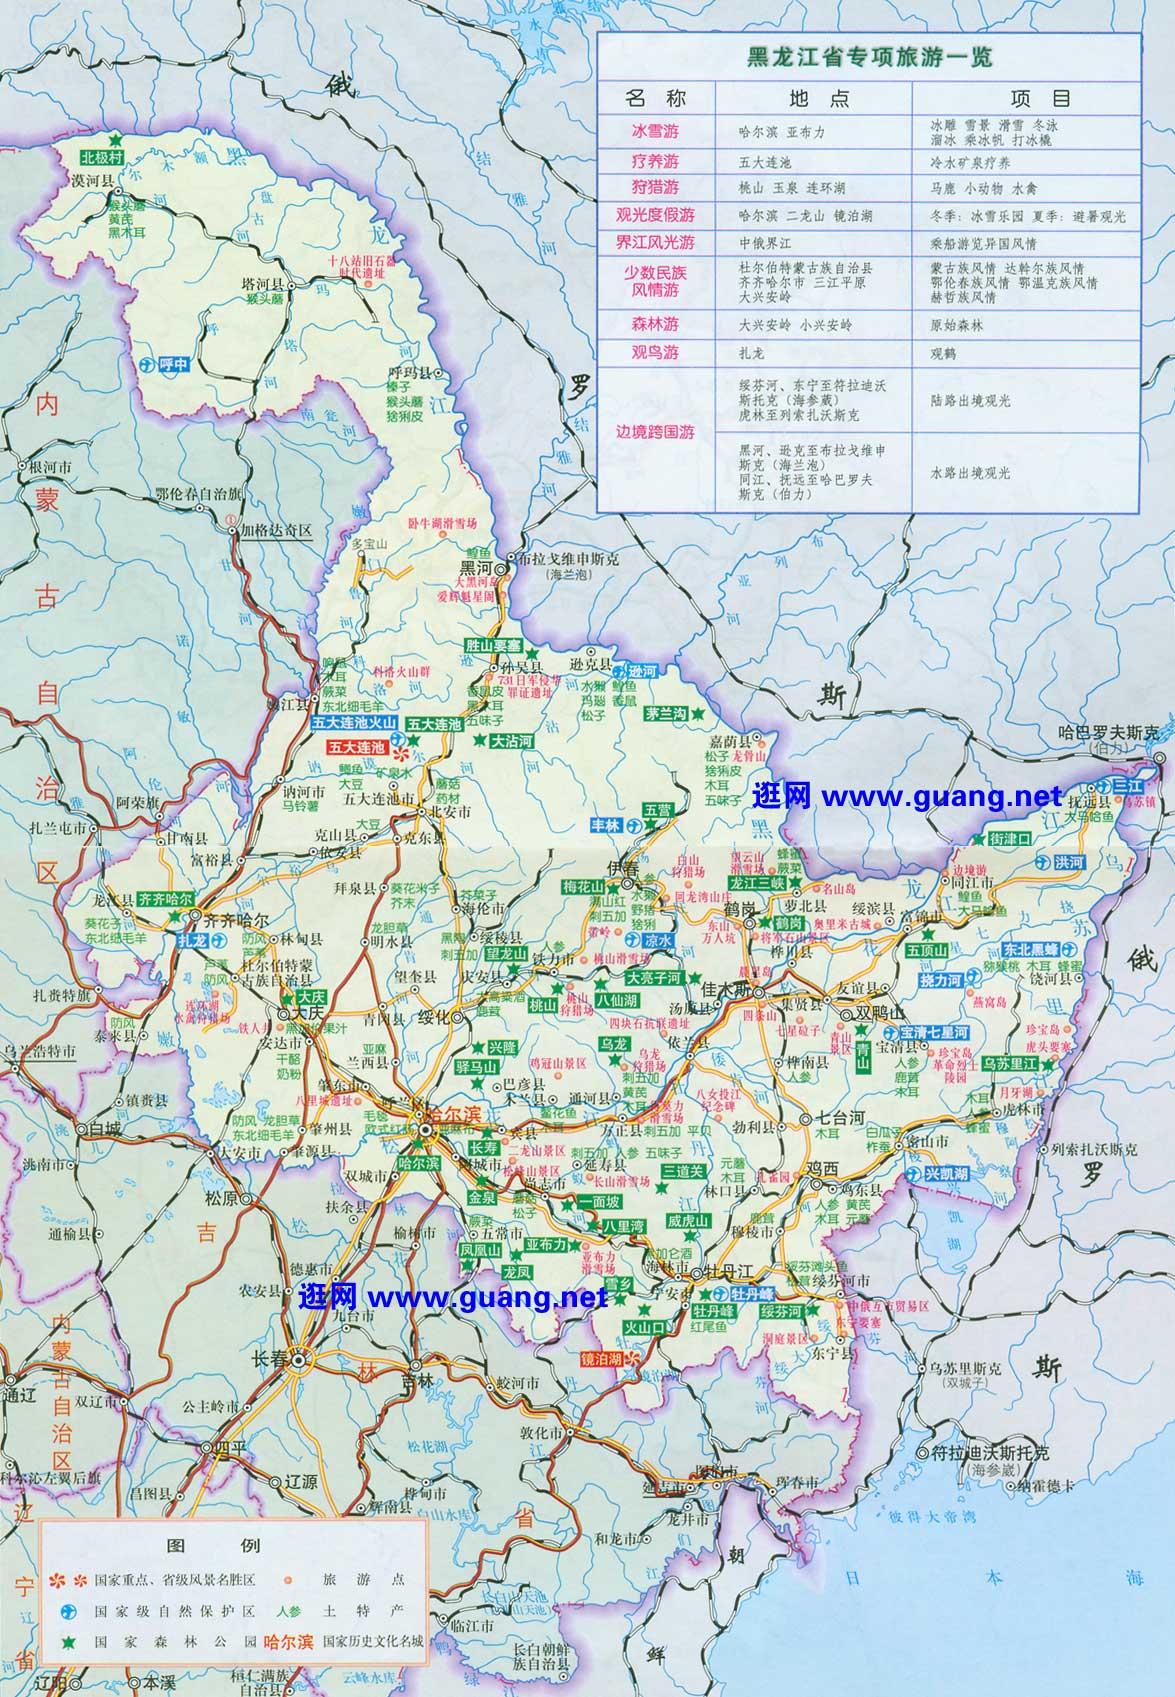 2015年版黑龙江地图-黑龙江地形图-黑龙江旅游图